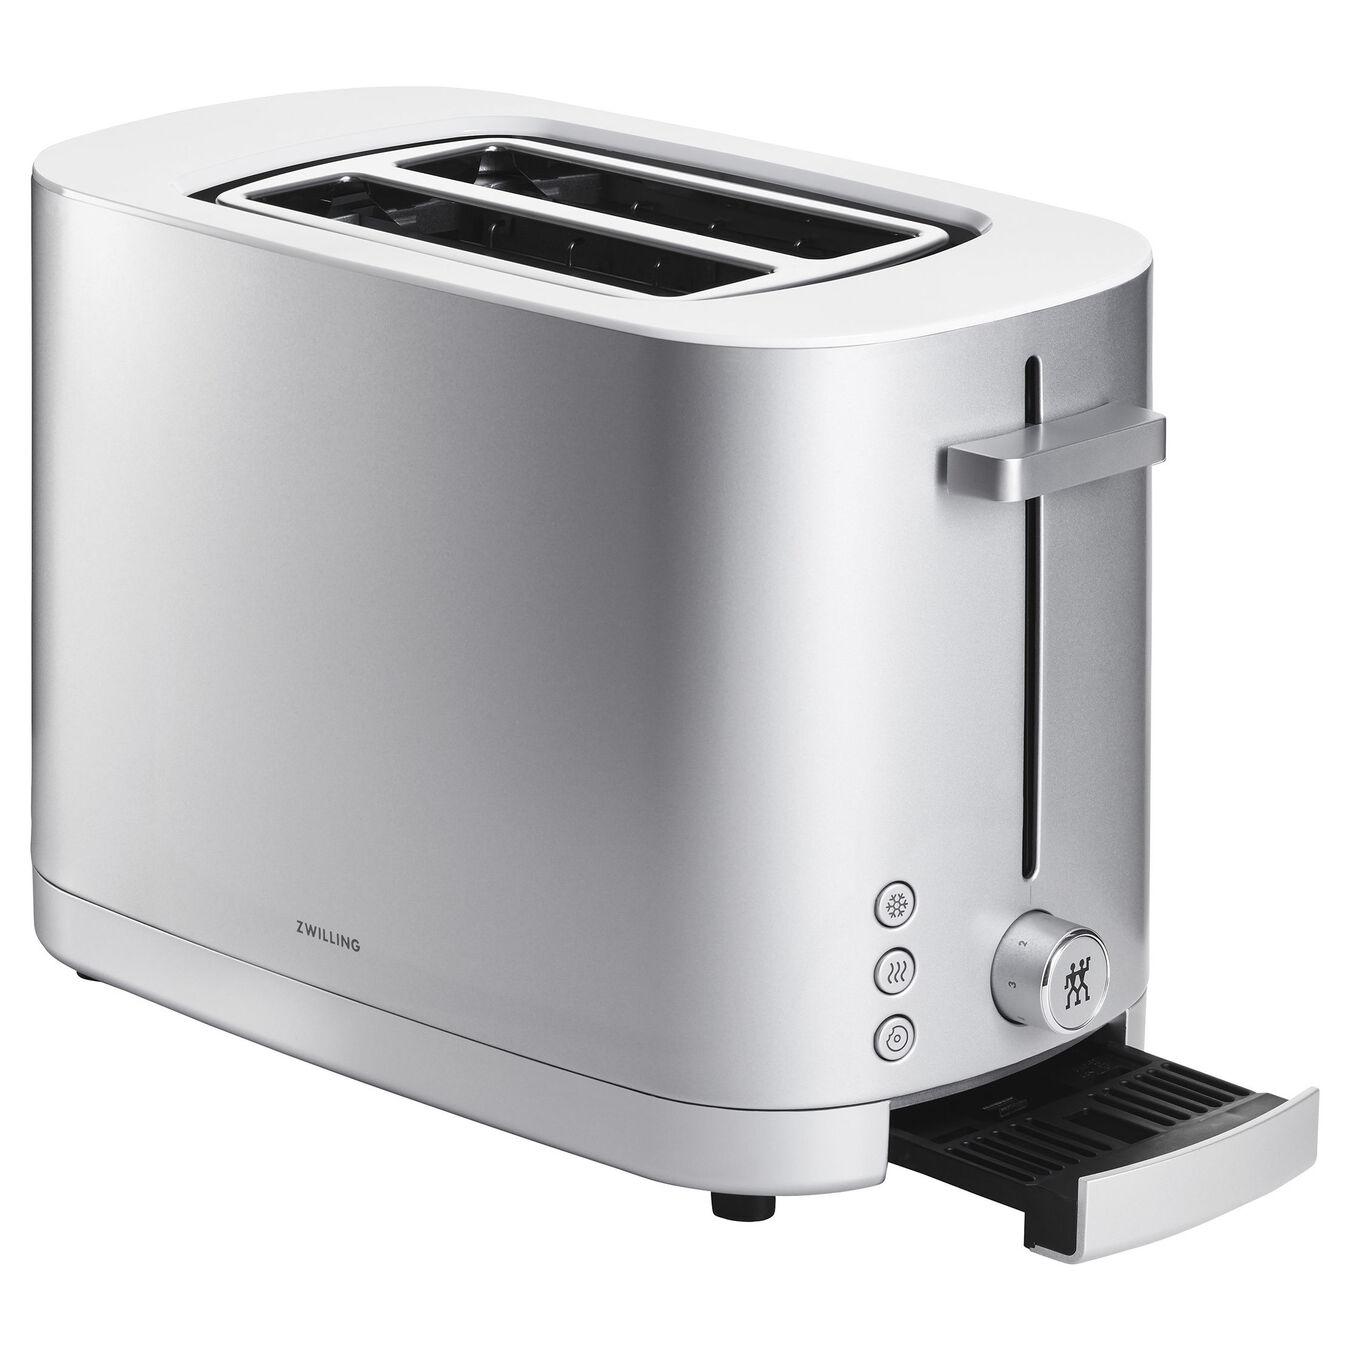 Ekmek Kızartma Makinesi çörek ısıtıcılı | 2 yuva 2 dilim,,large 6